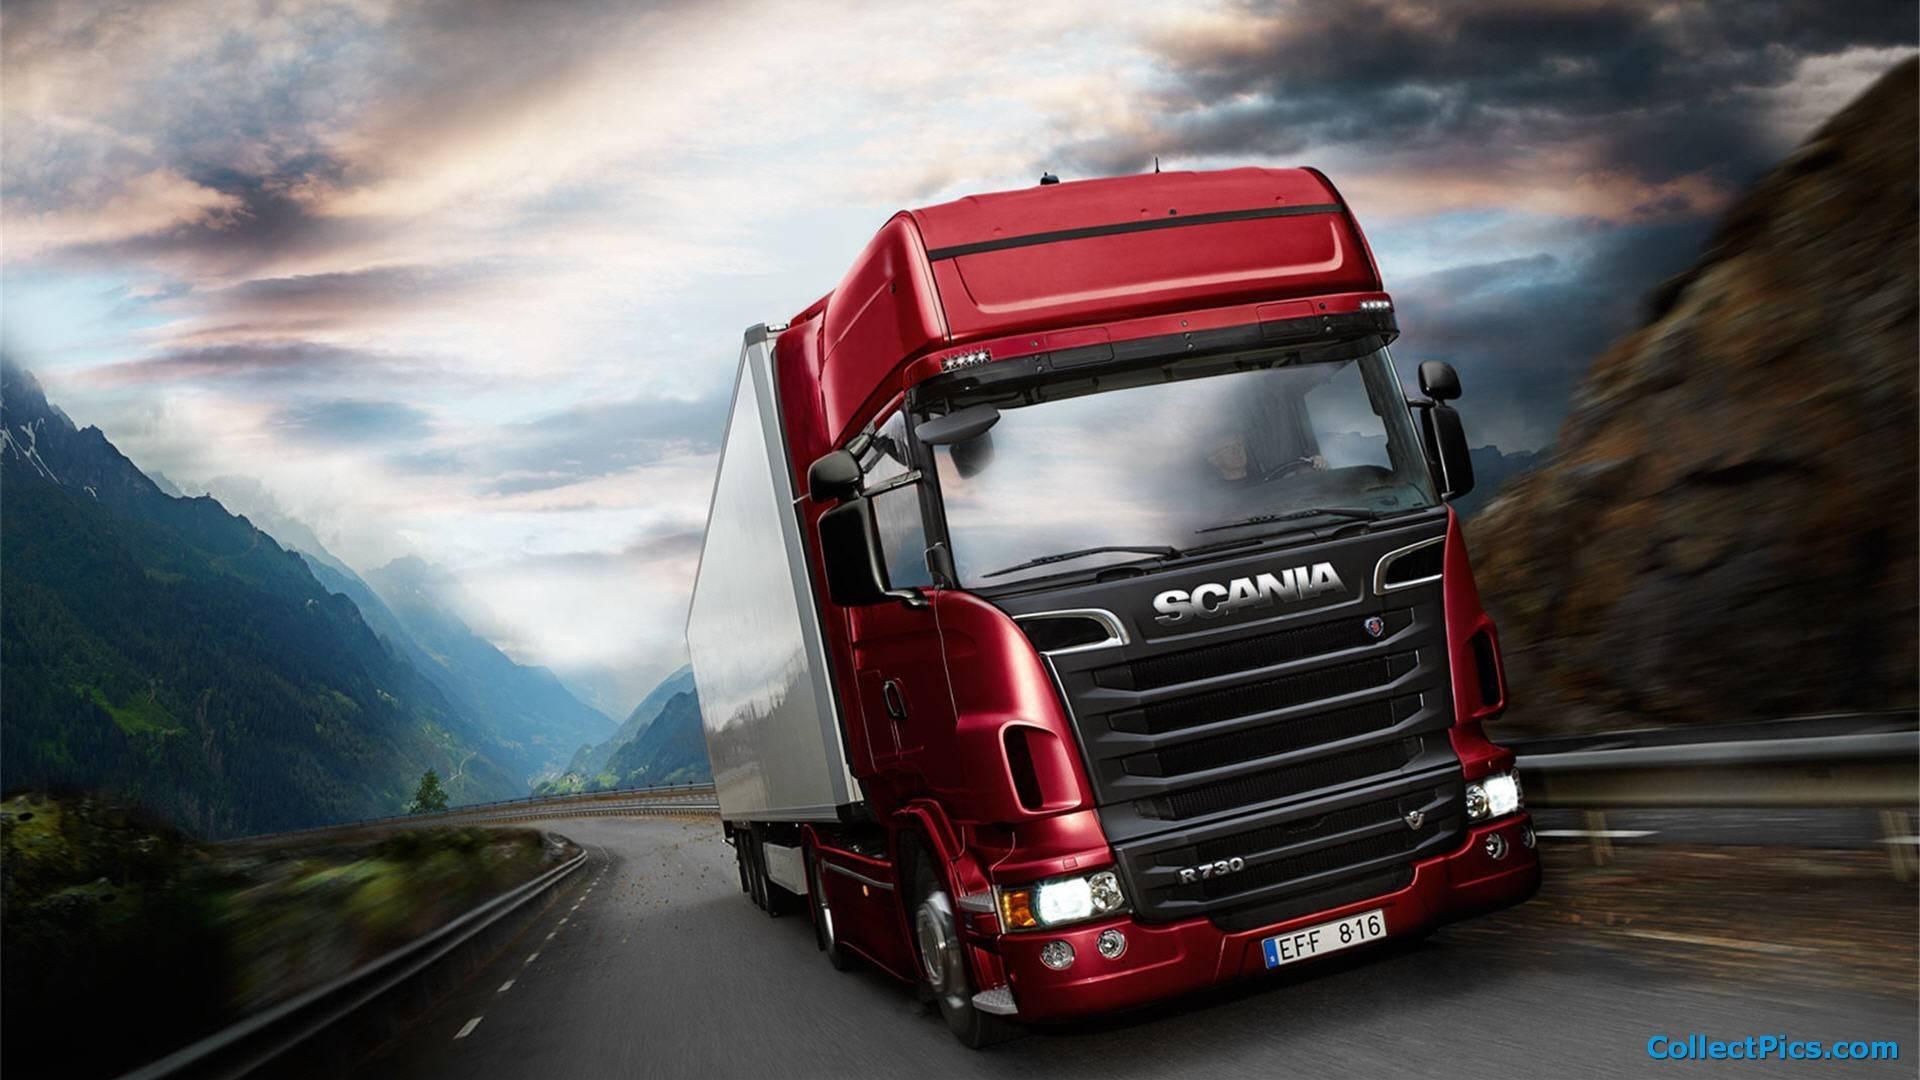 49+ Euro Truck Simulator 2 Wallpapers